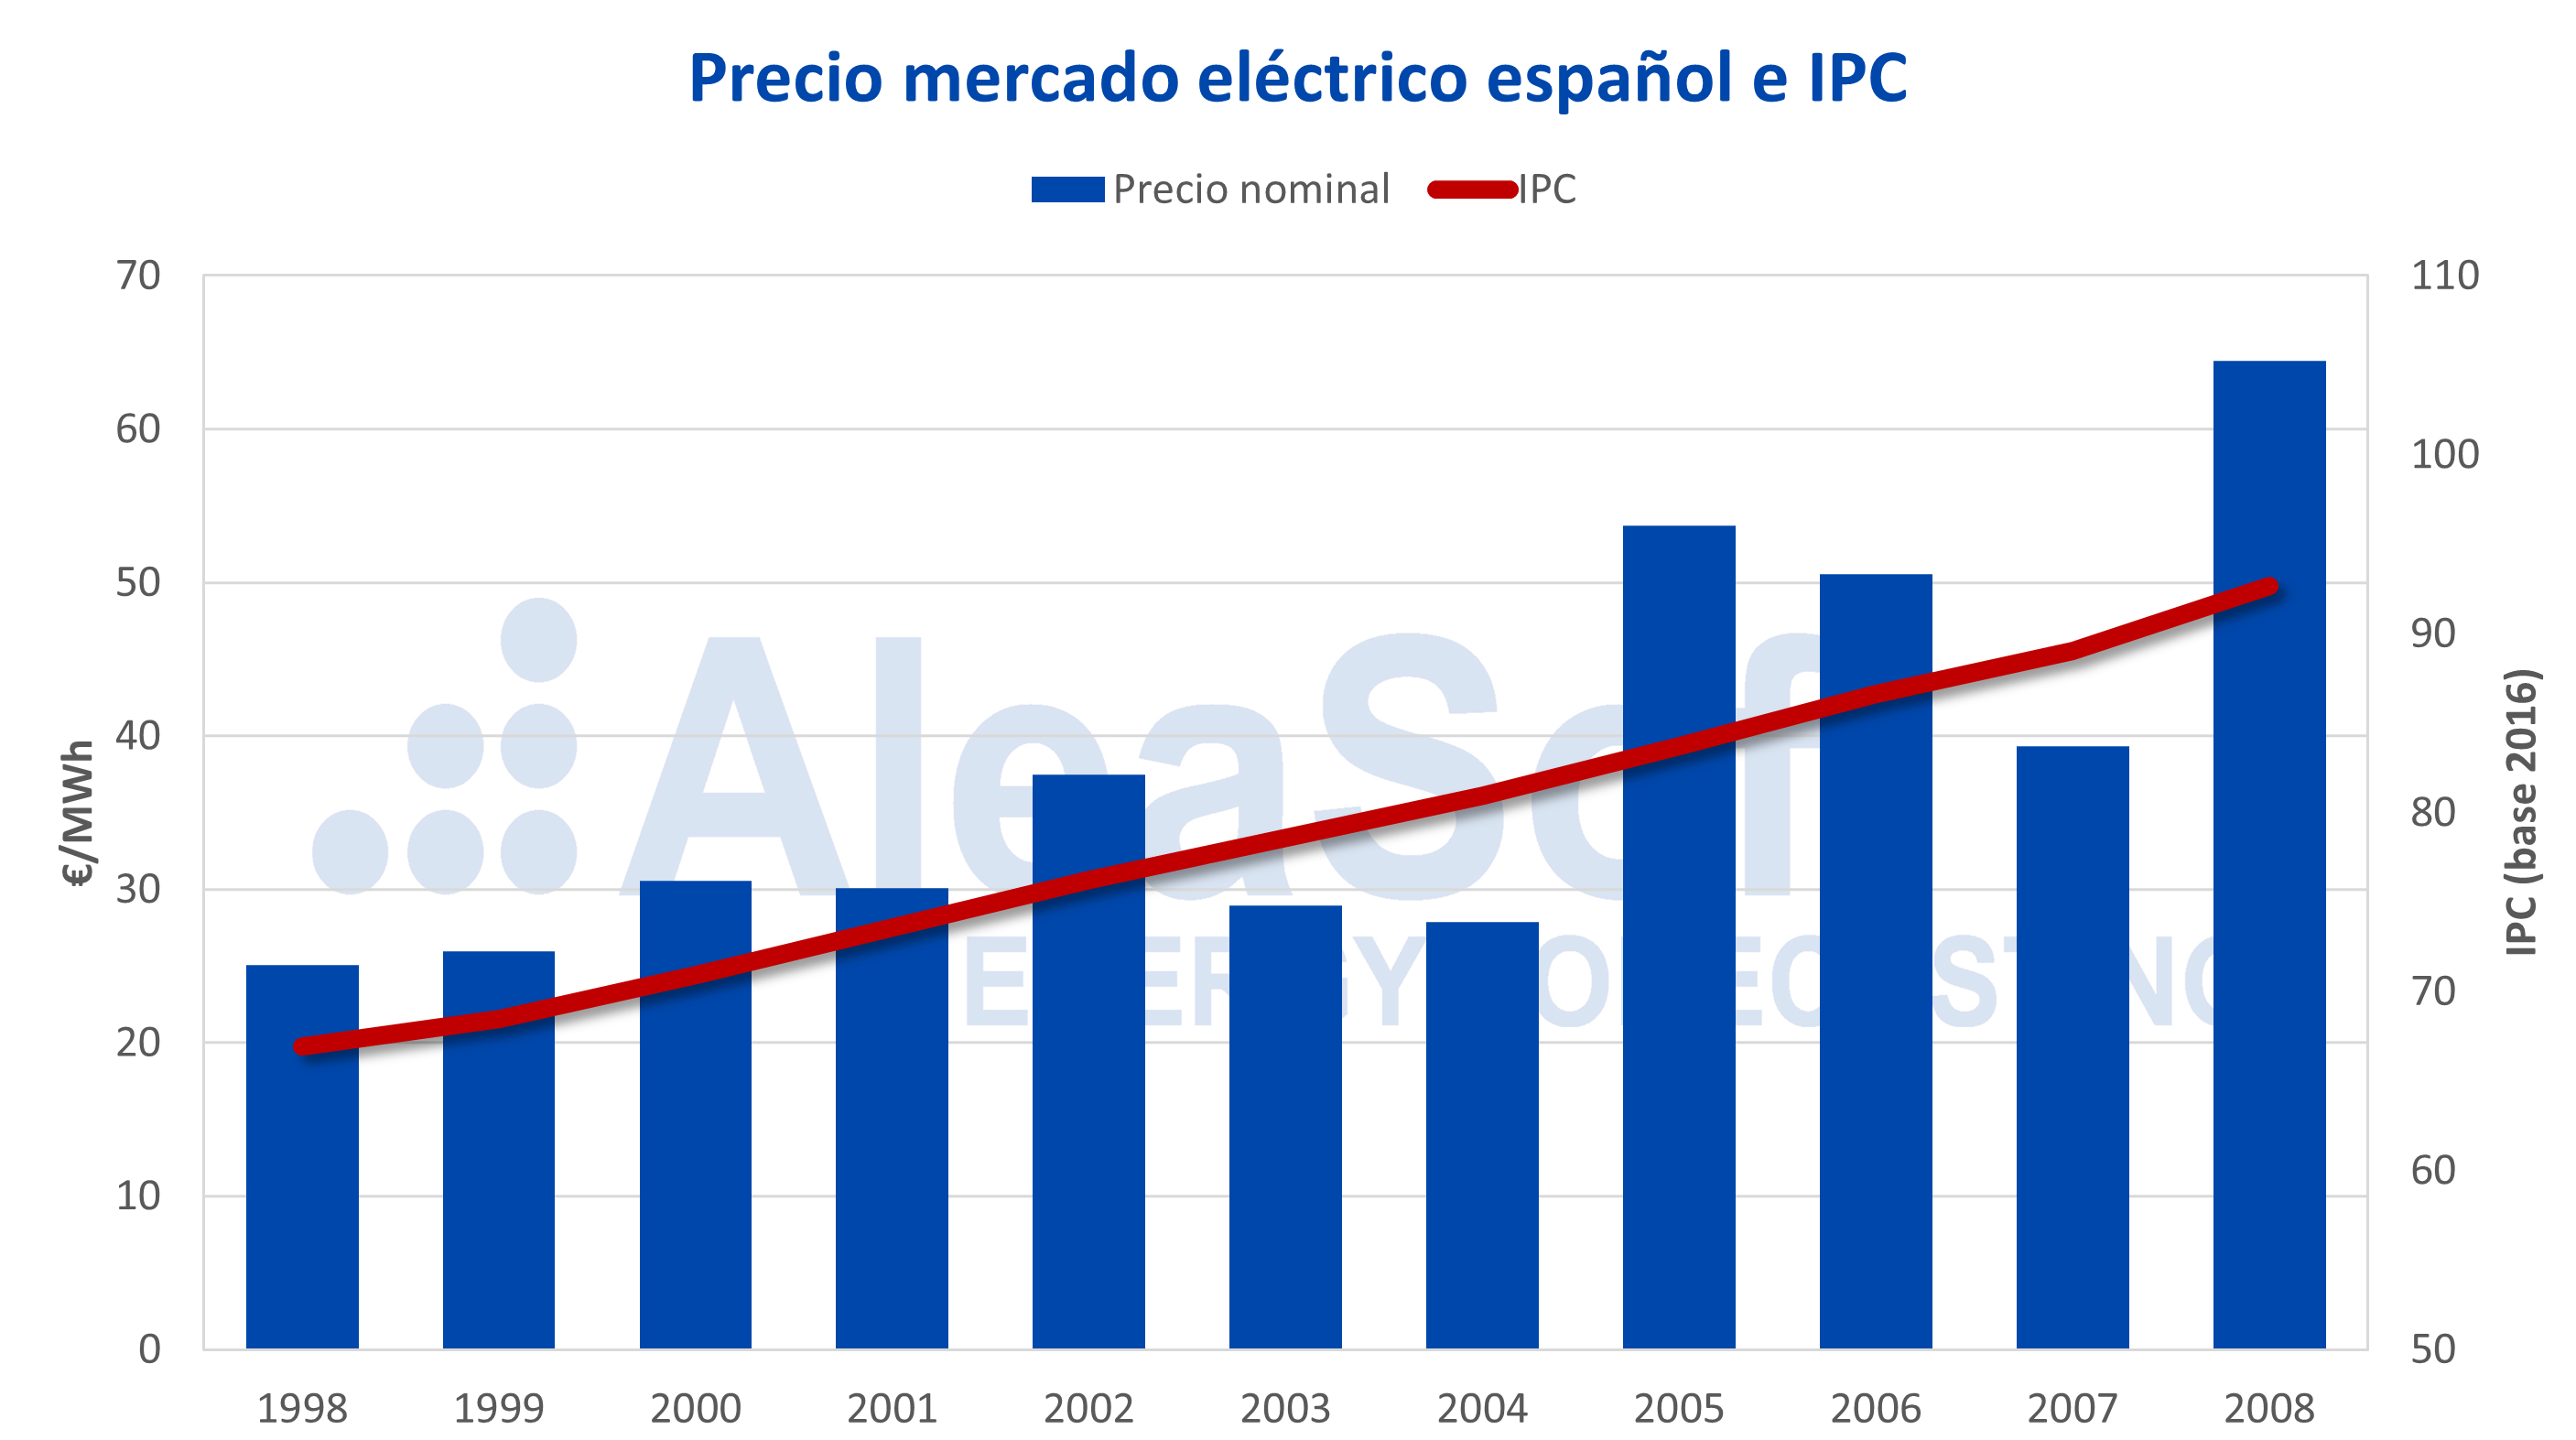 AleaSoft - Precio del mercado eléctrico español e IPC